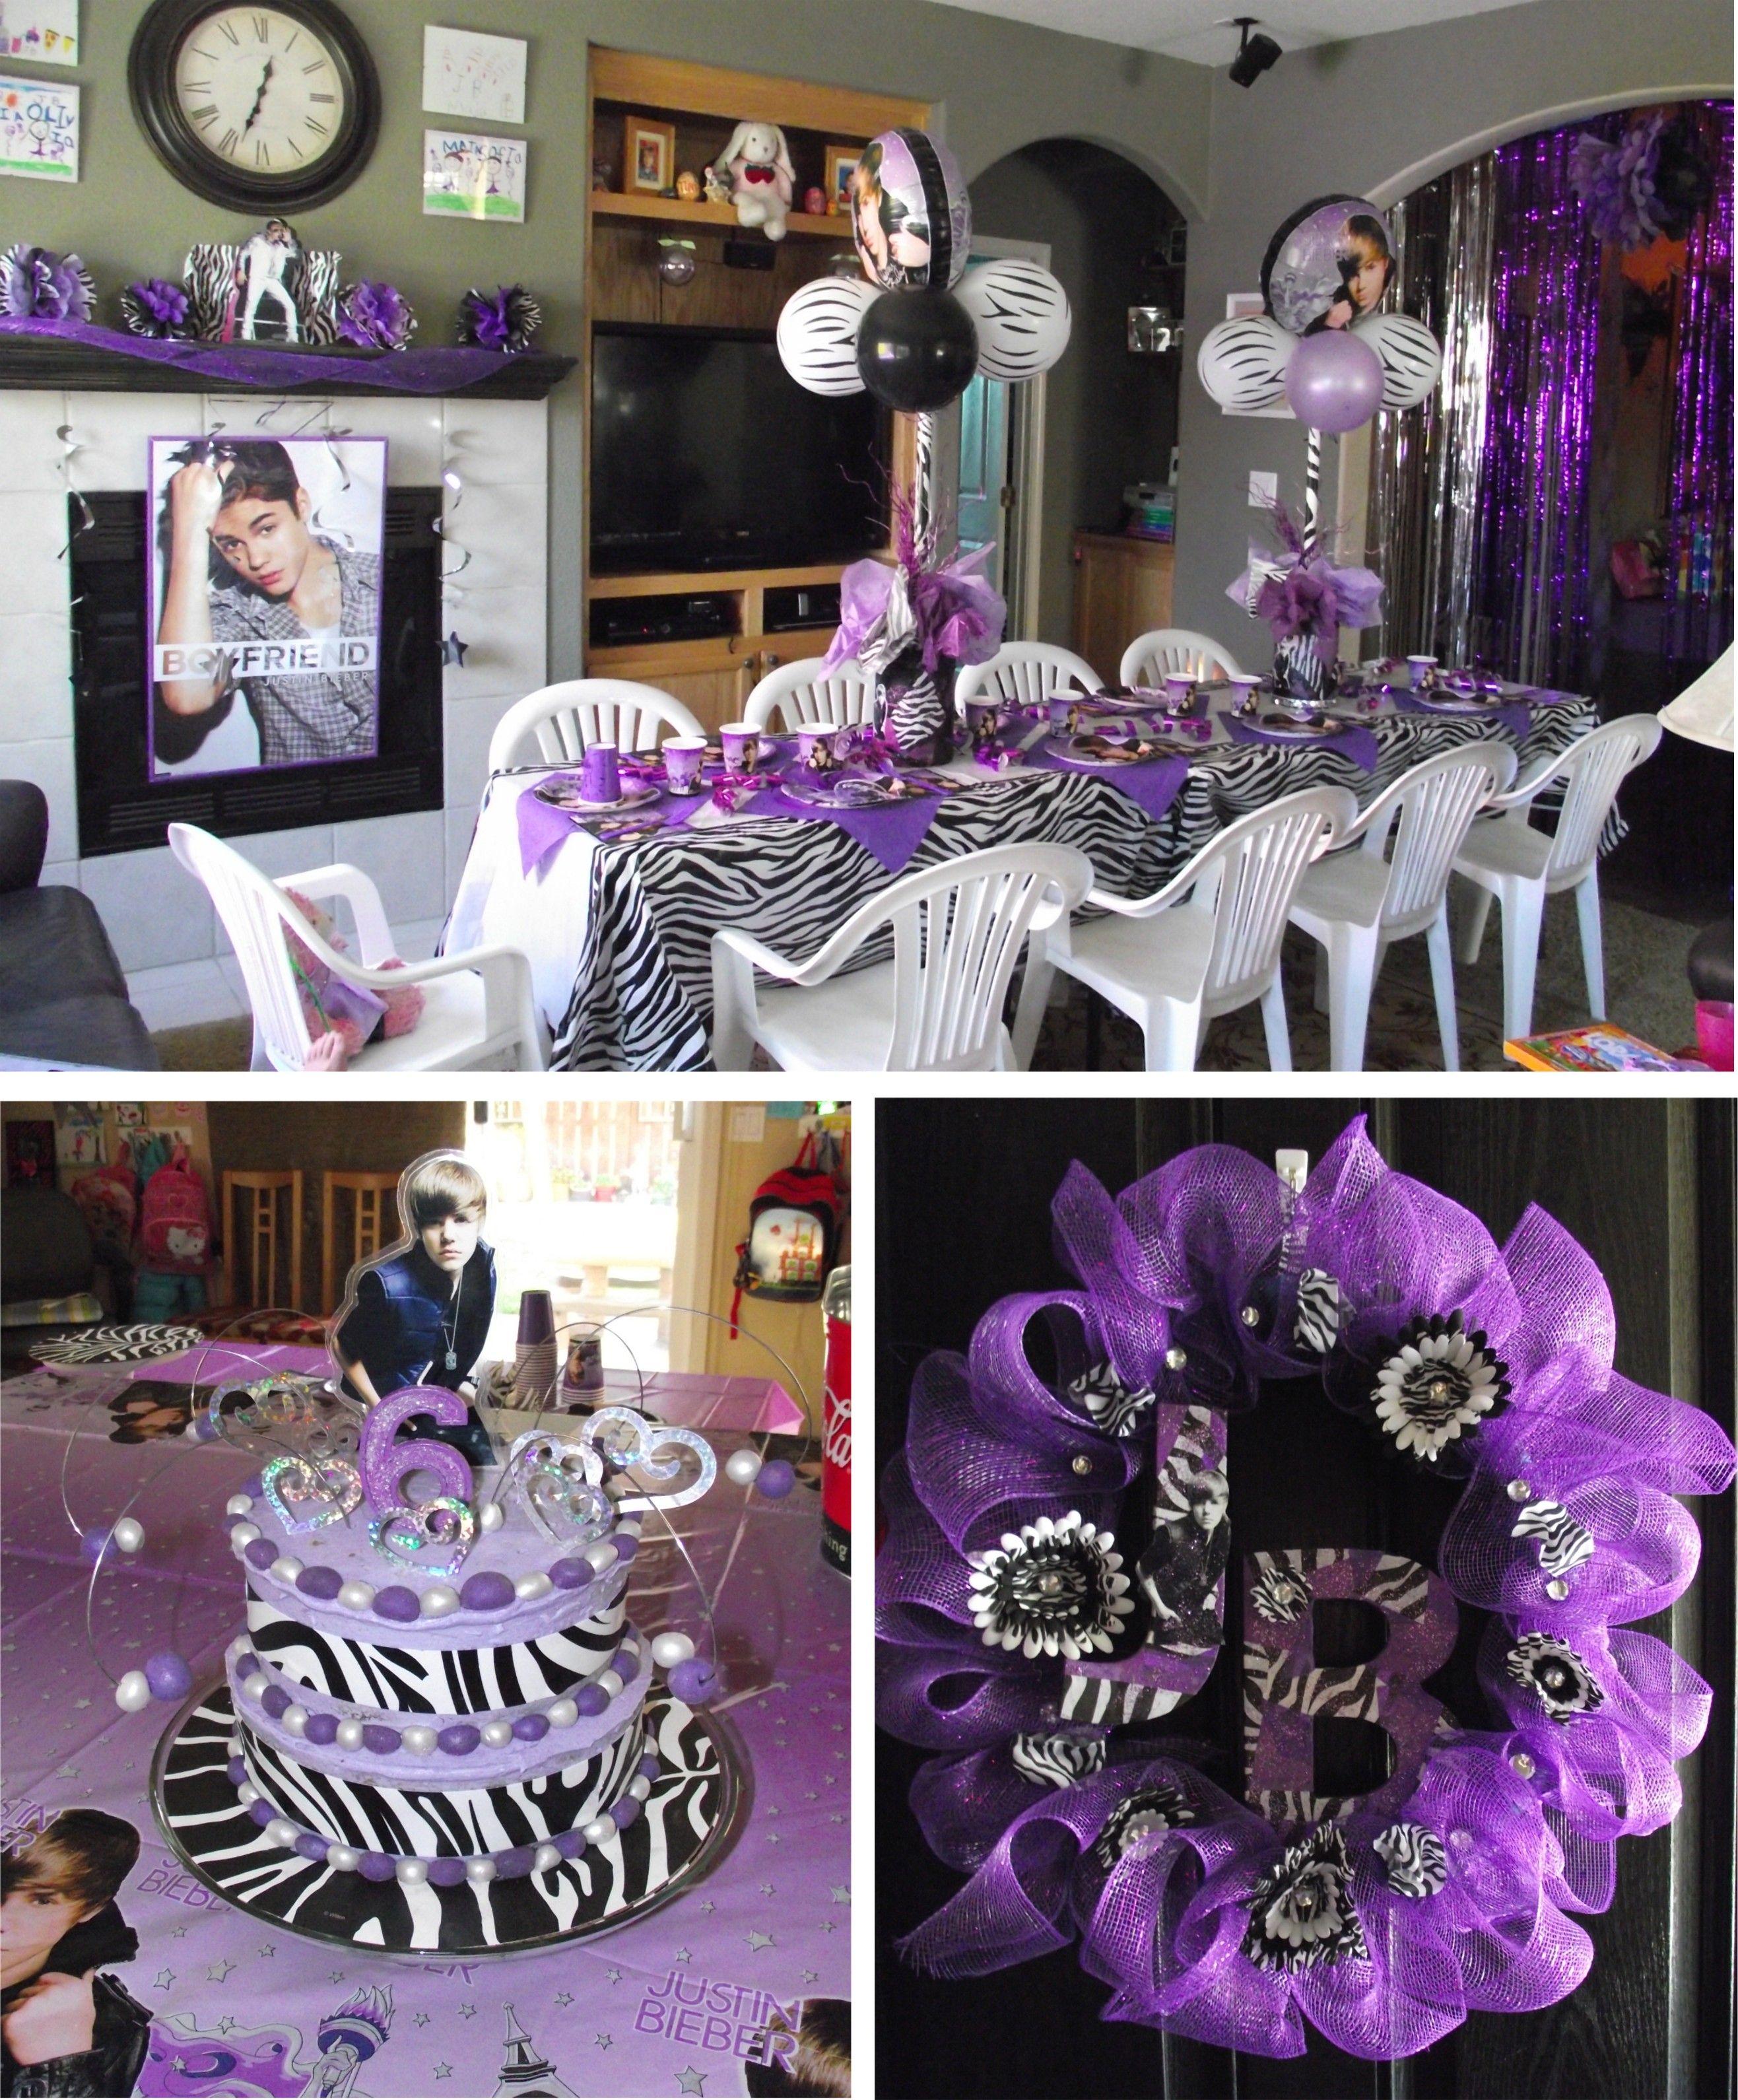 Justin bieber scrapbook ideas - Justin Bieber Birthday Party